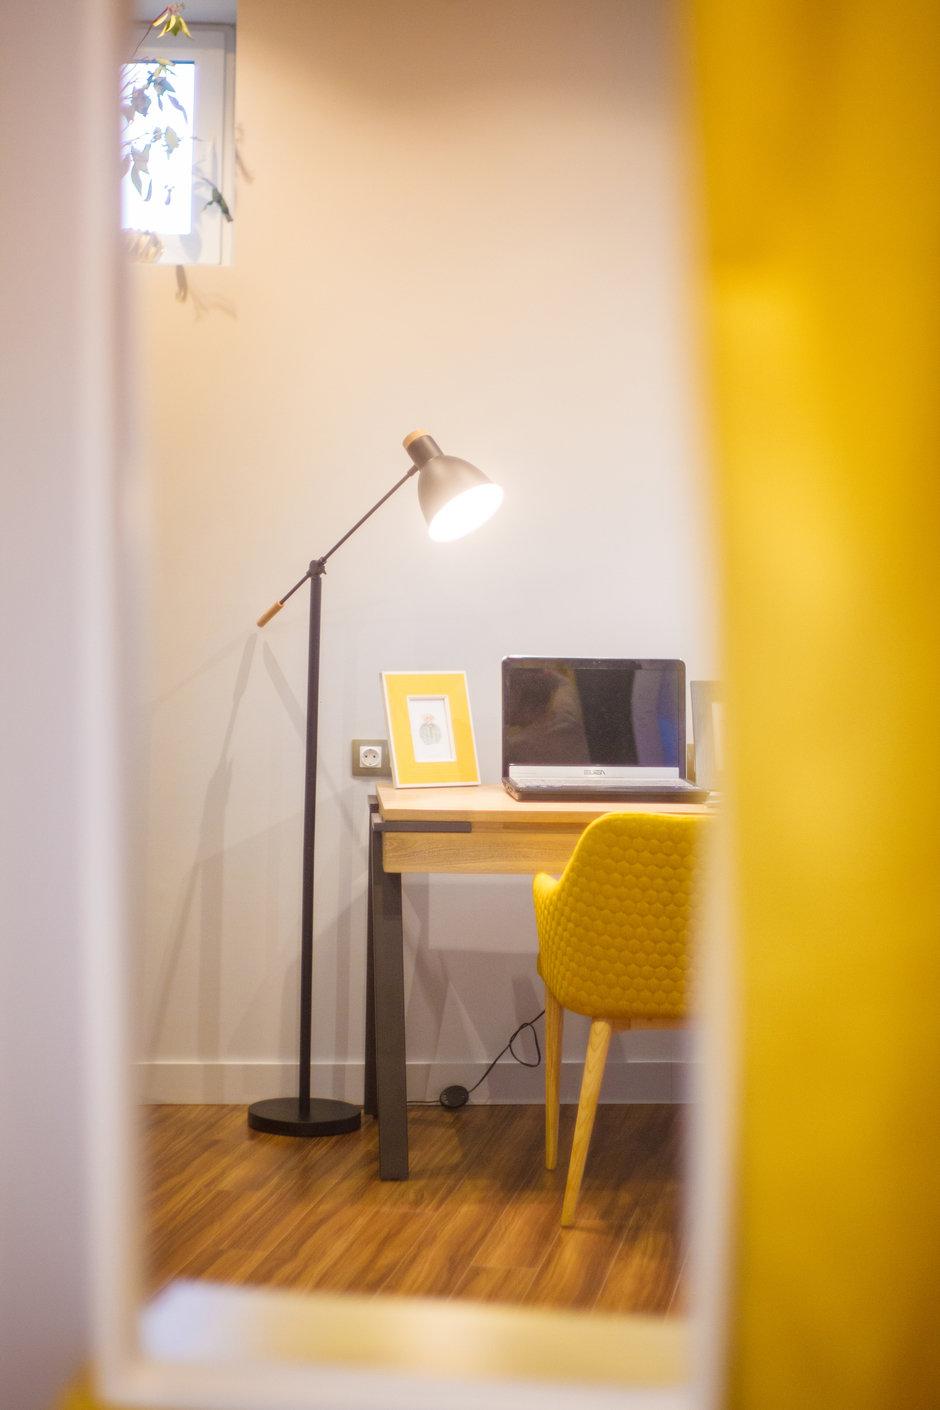 Фотография: Кабинет в стиле Современный, Квартира, Проект недели, Химки, Ануш Аракелян, Монолитный дом, ЖК «Правый Берег» – фото на InMyRoom.ru